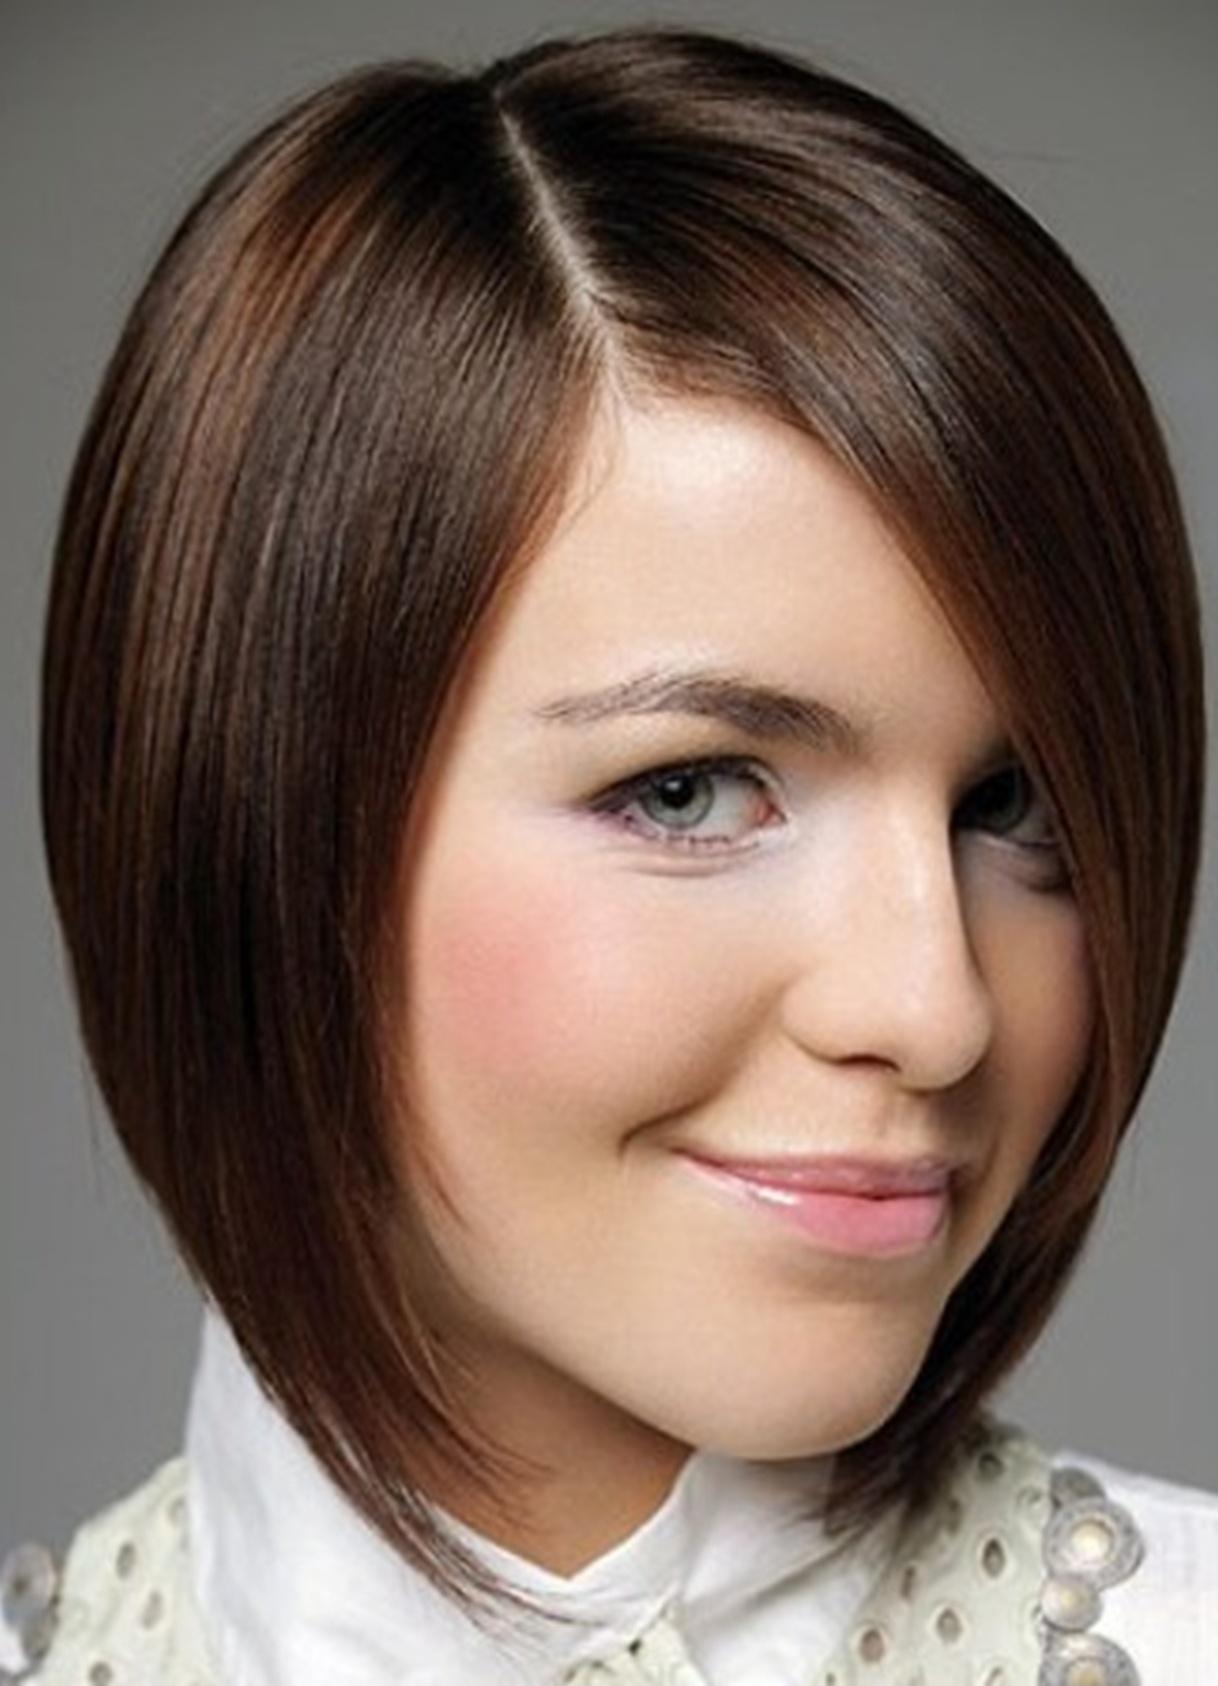 прическа боб каре фото для круглого лица